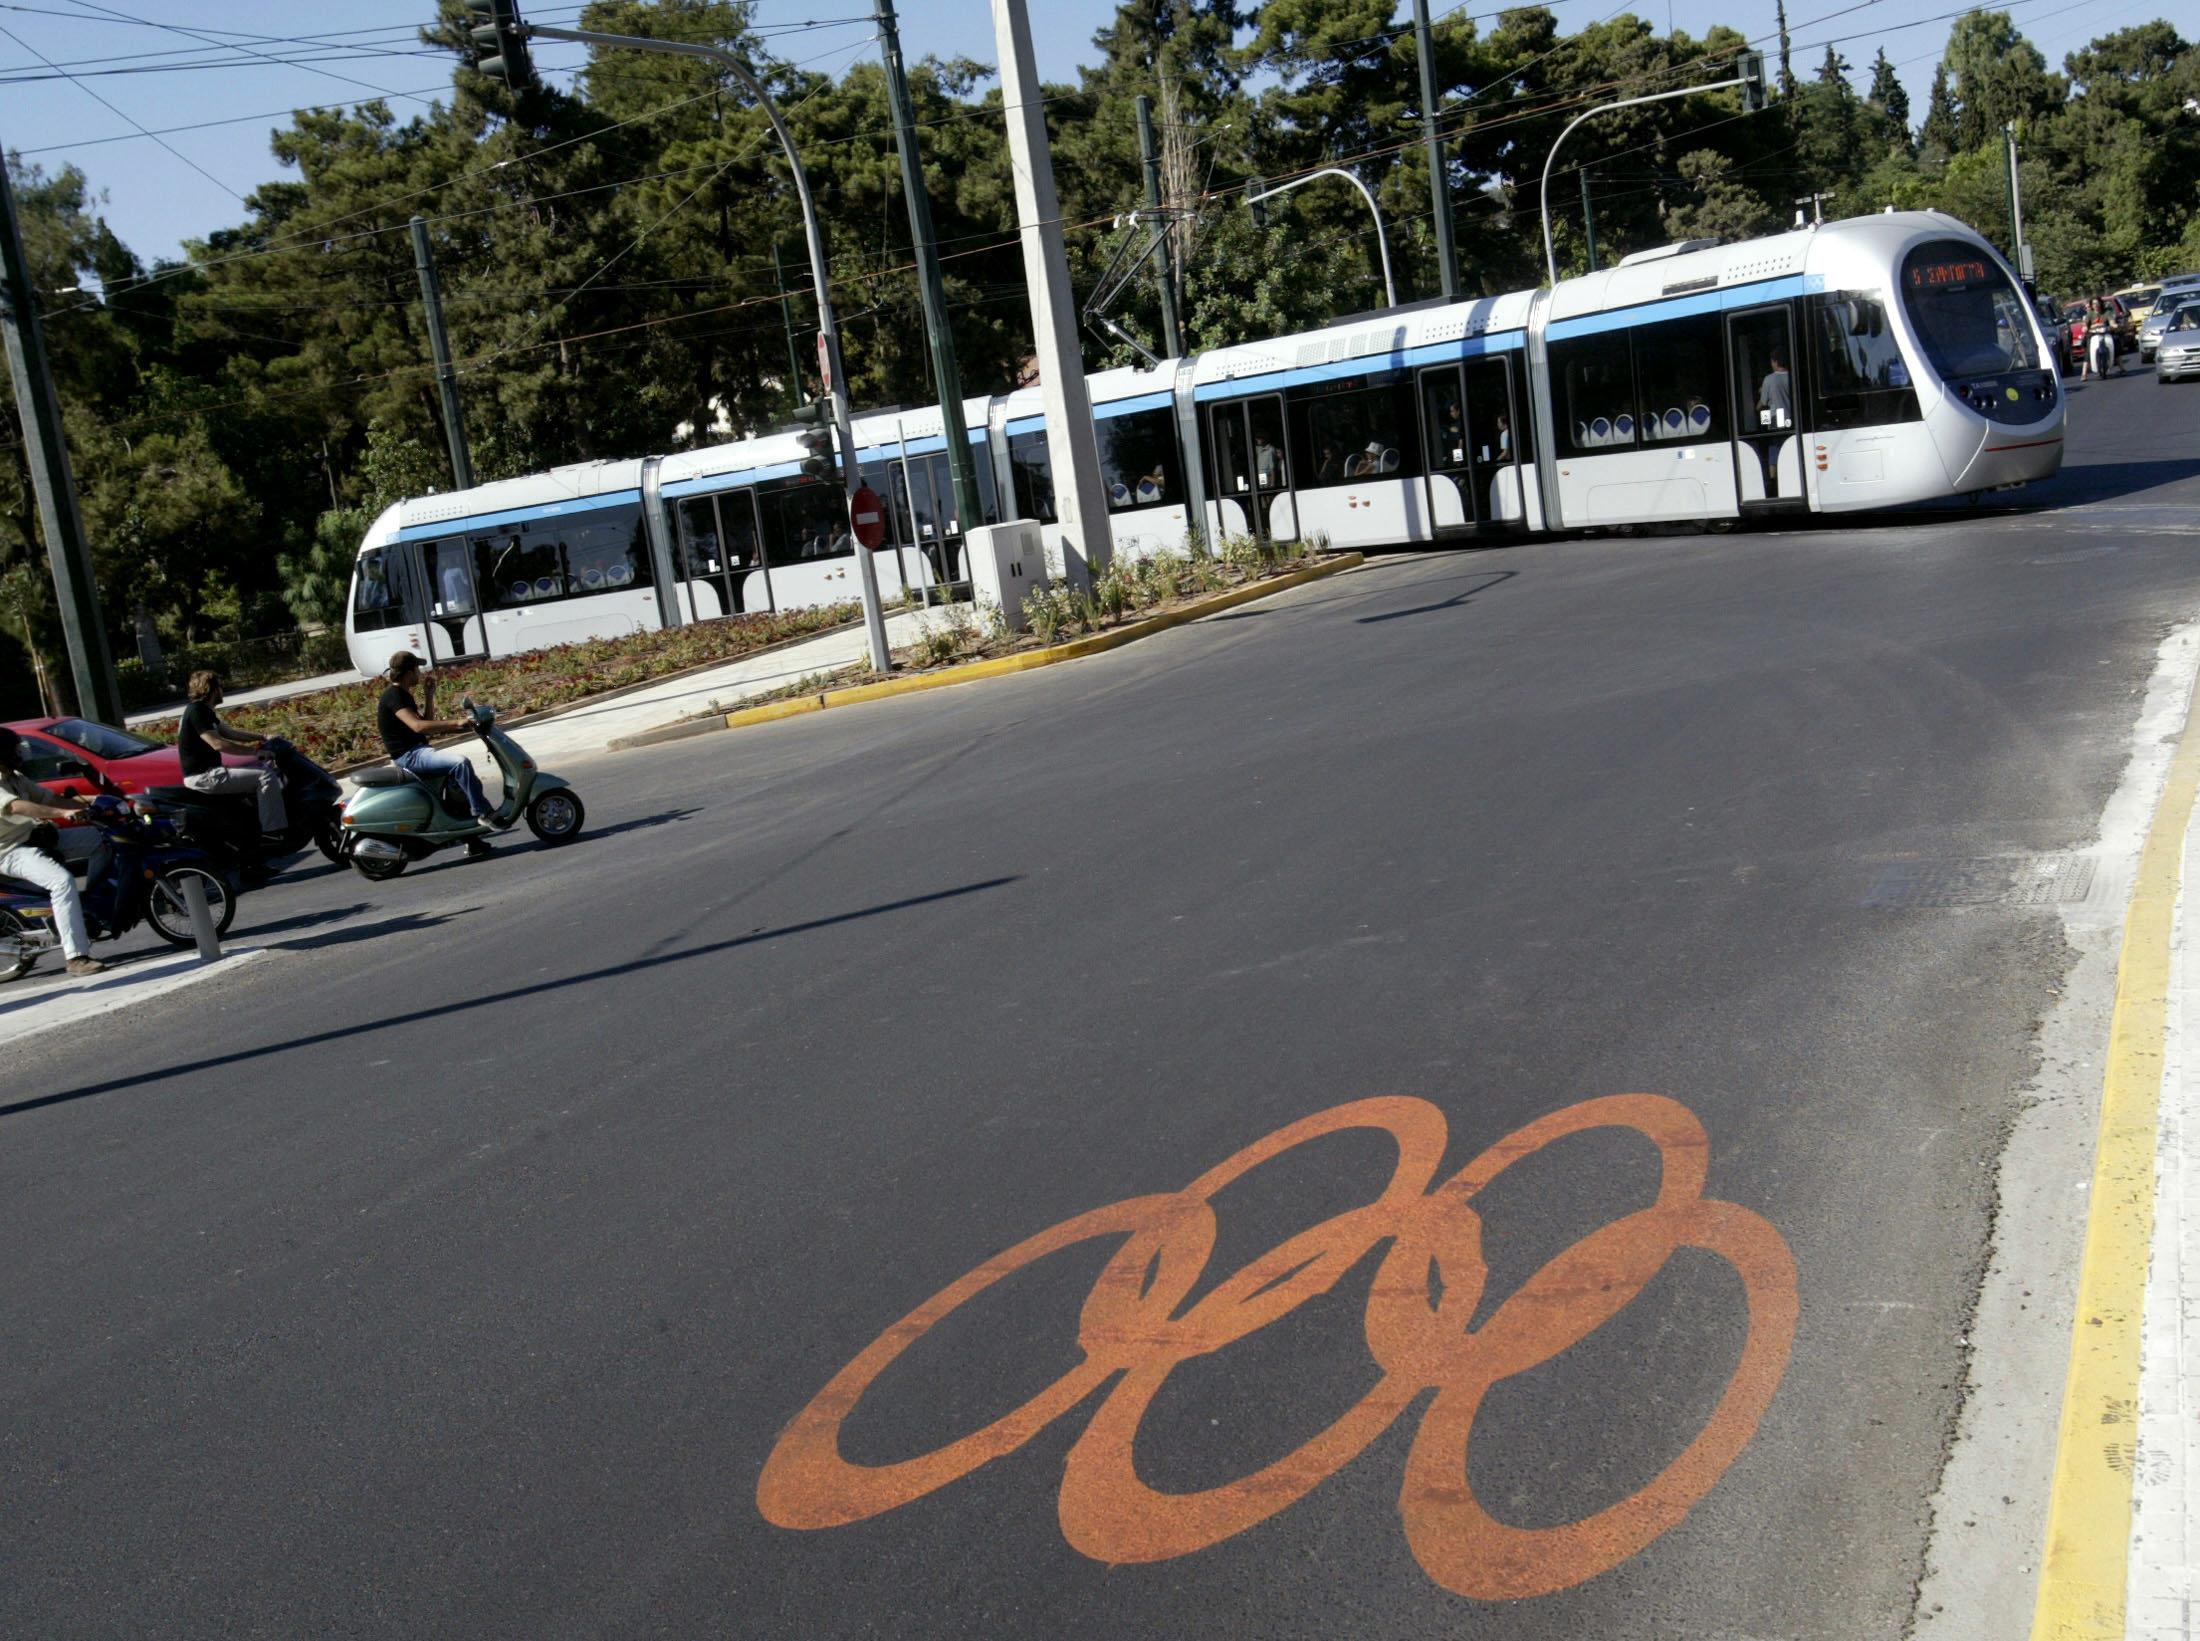 Σύγκρουση τραμ με αστικό λεωφορείο στον Νέο